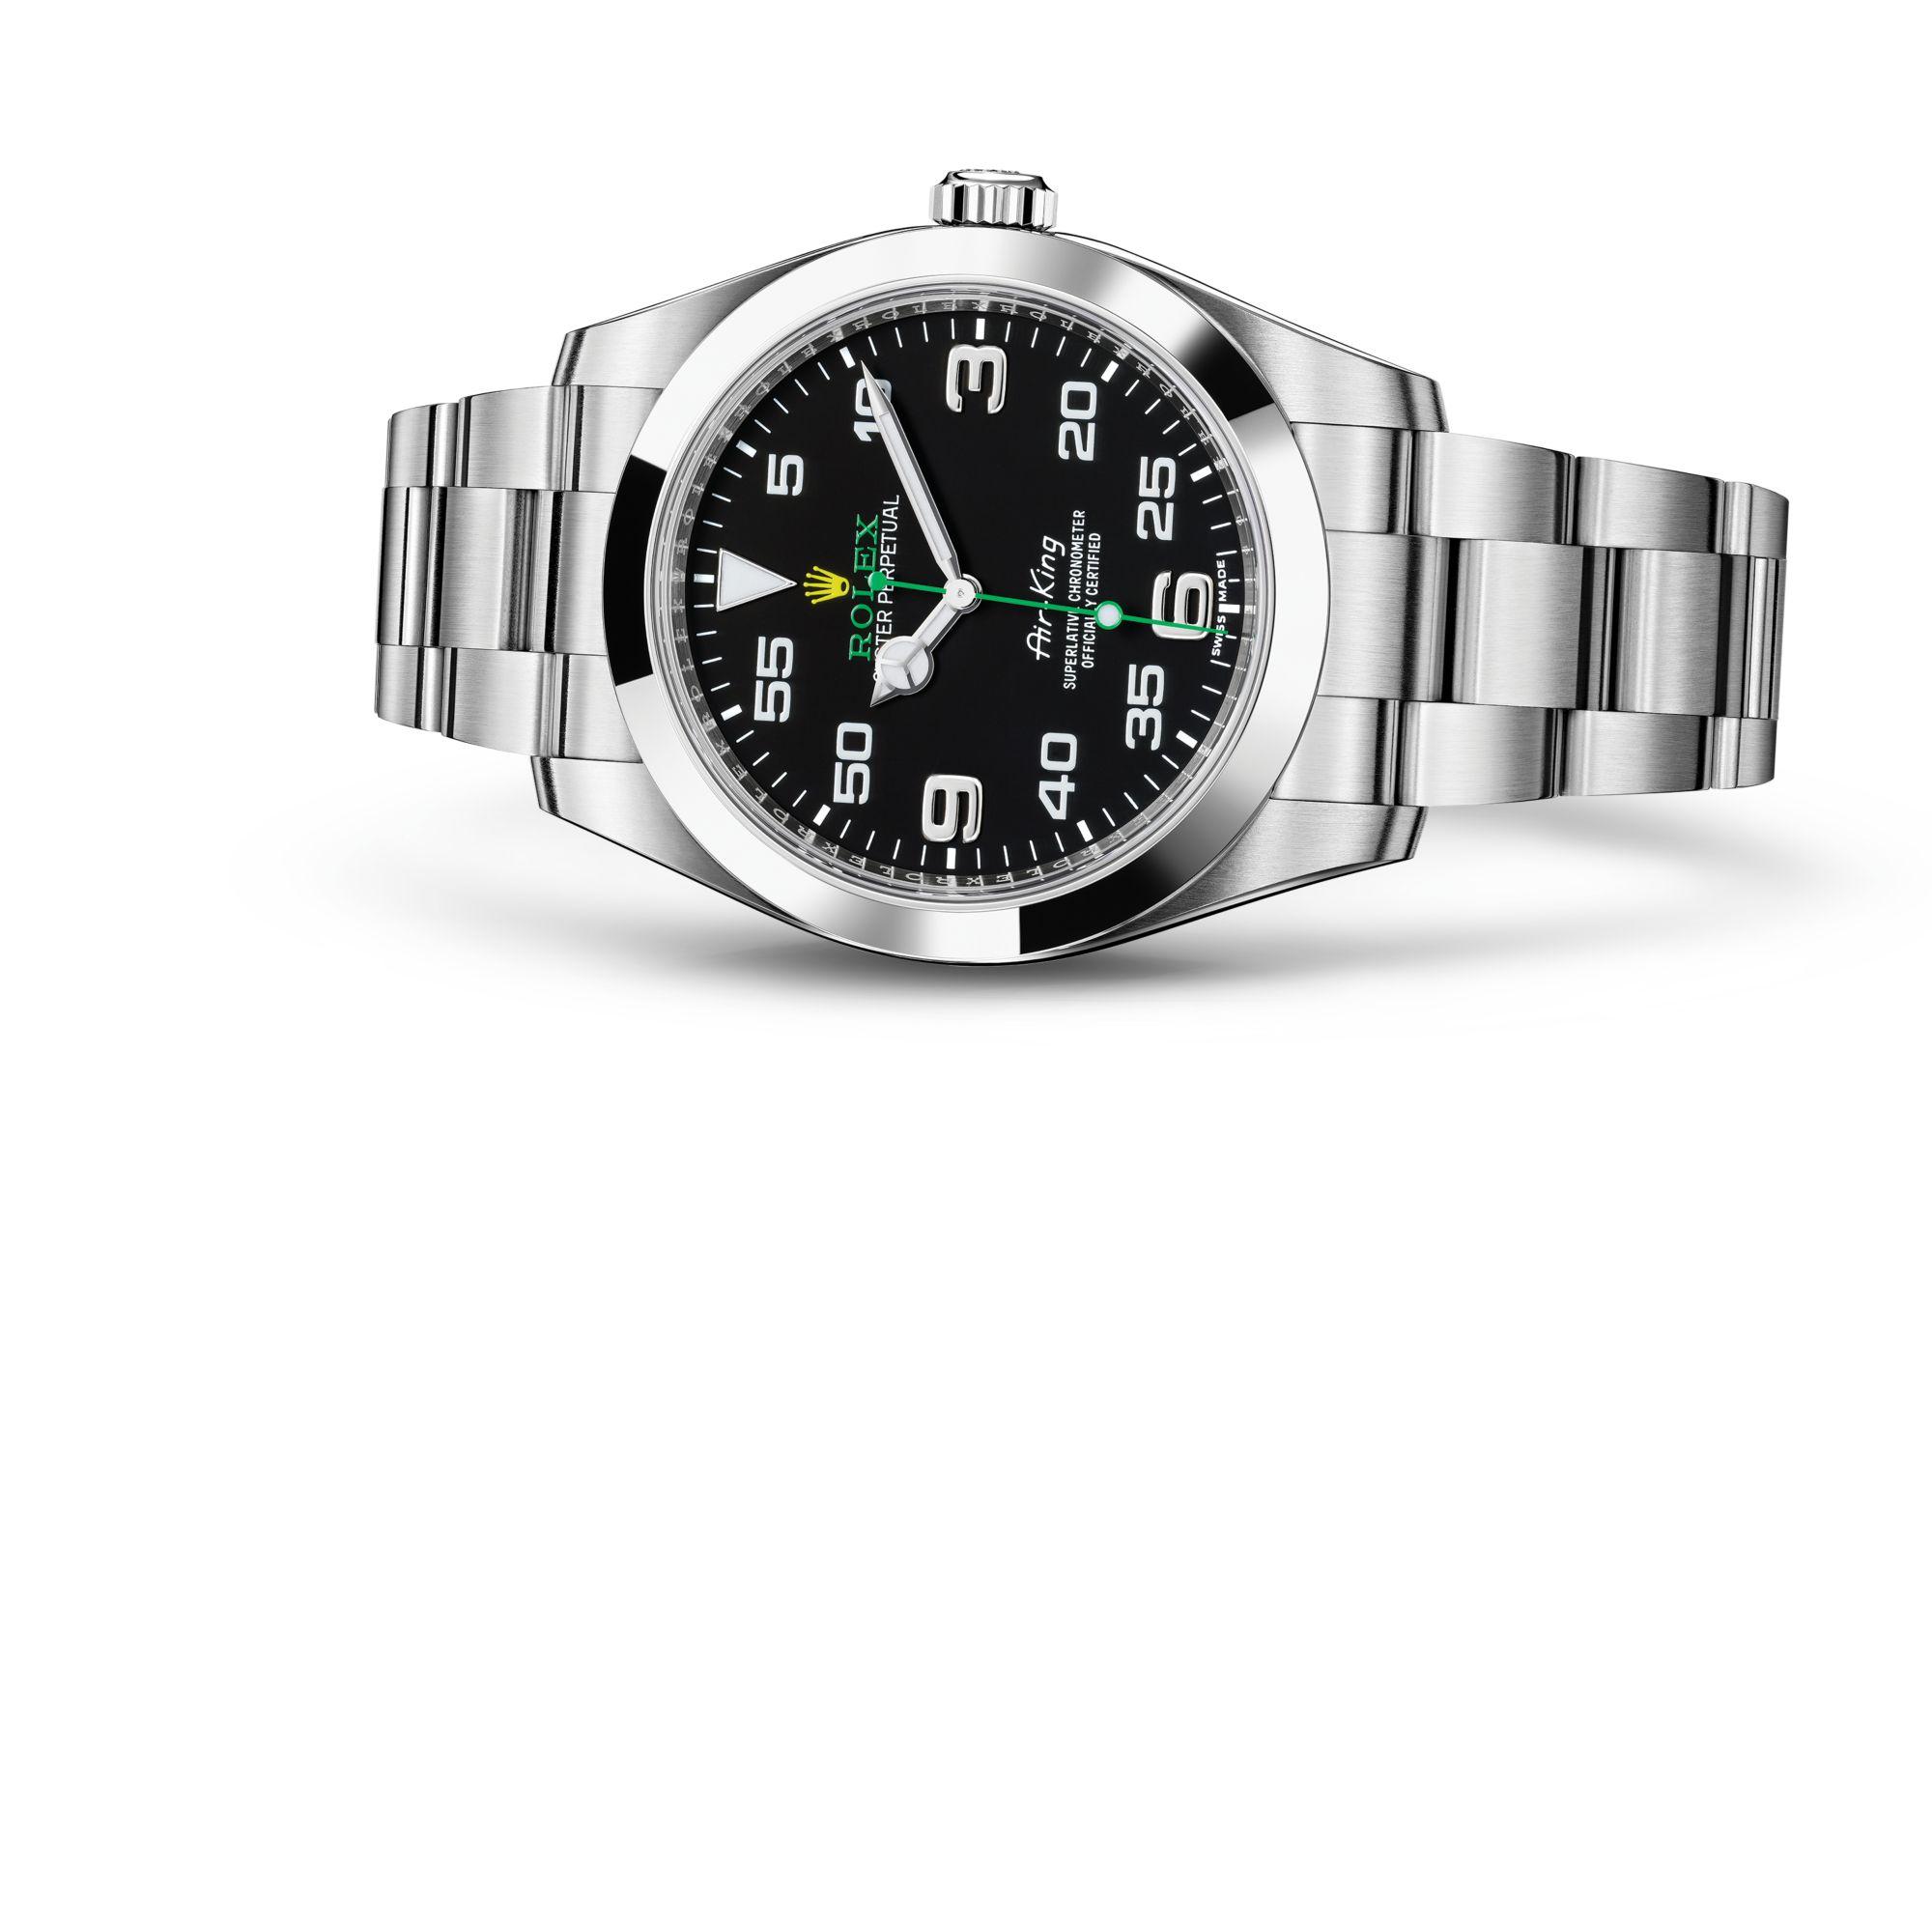 Rolex Air-King M116900-0001